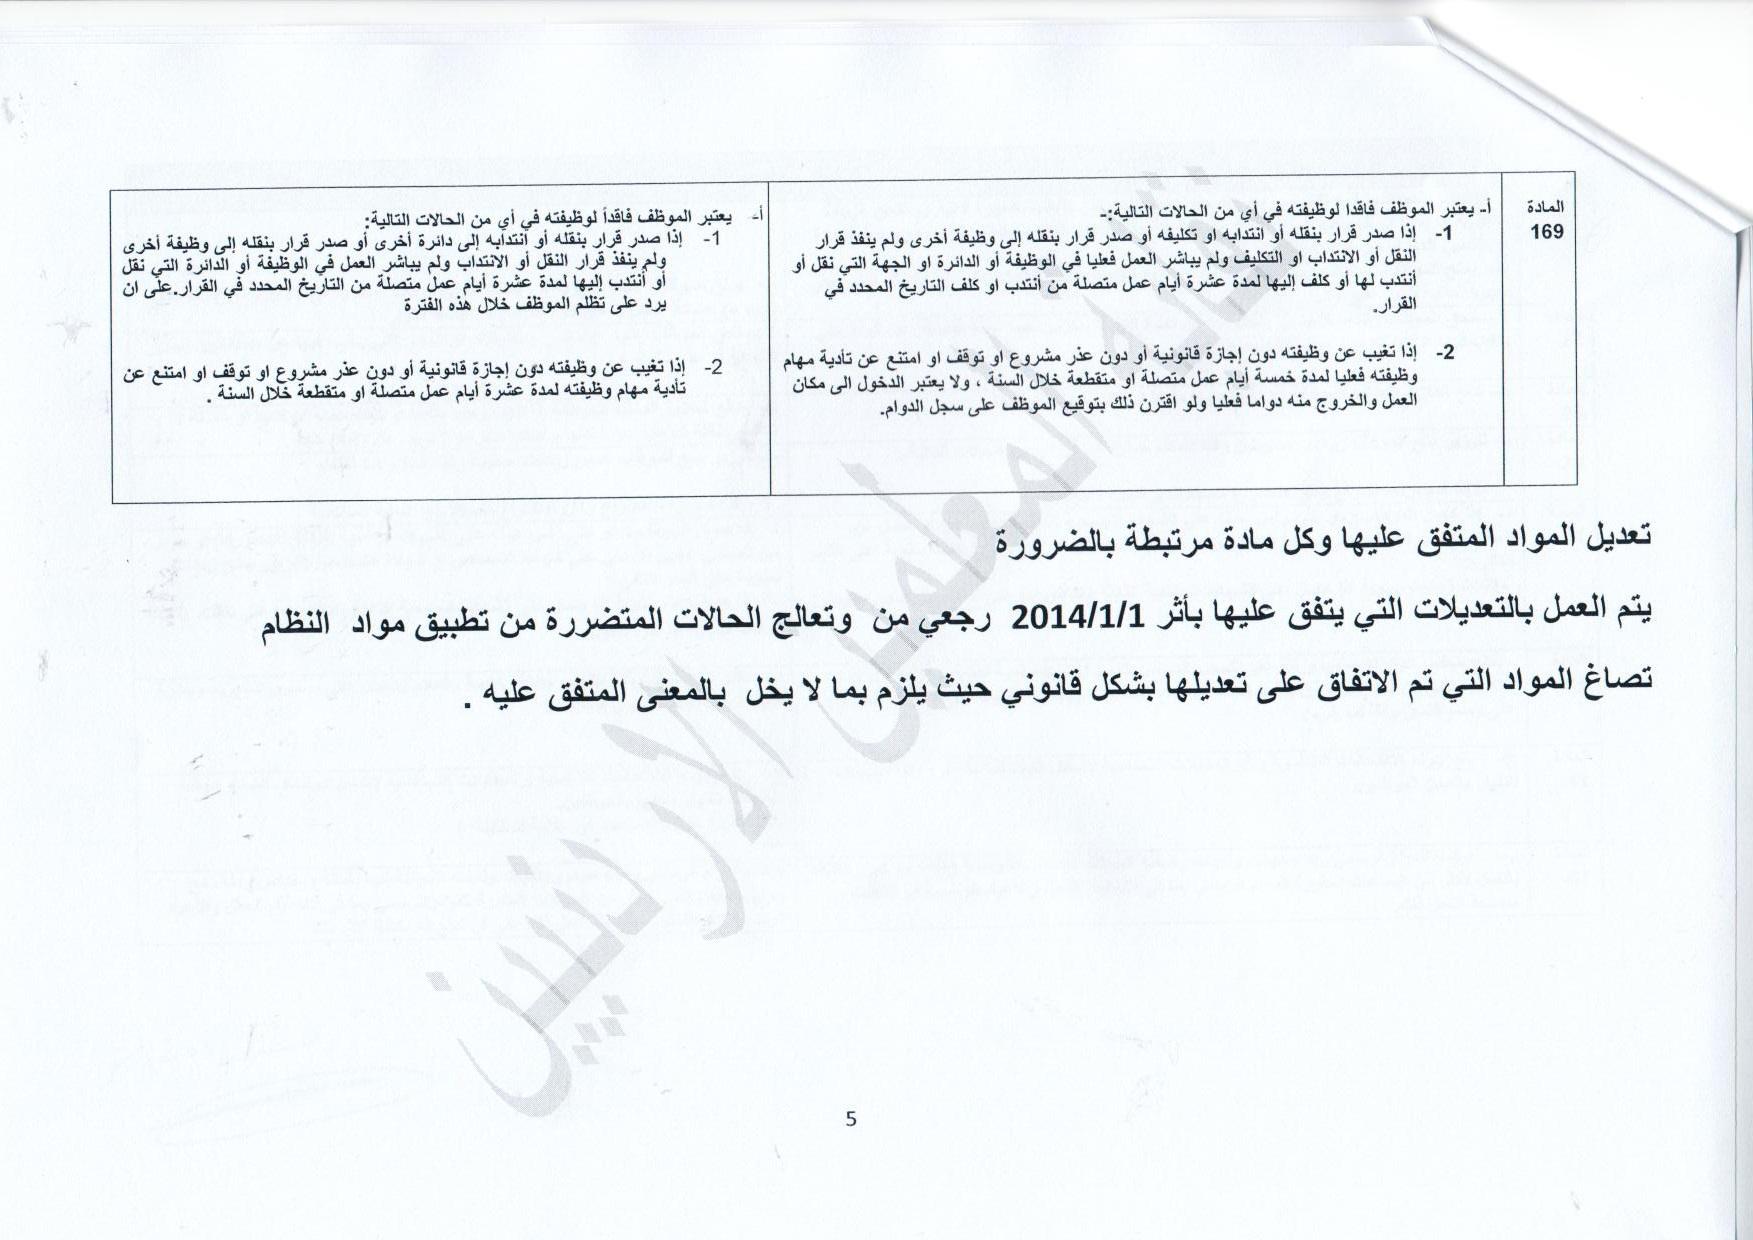 نقابة المعلمين تنتزع مطالب المعلمين image.php?token=158eec2fce683d558b9e47374f2f7452&size=